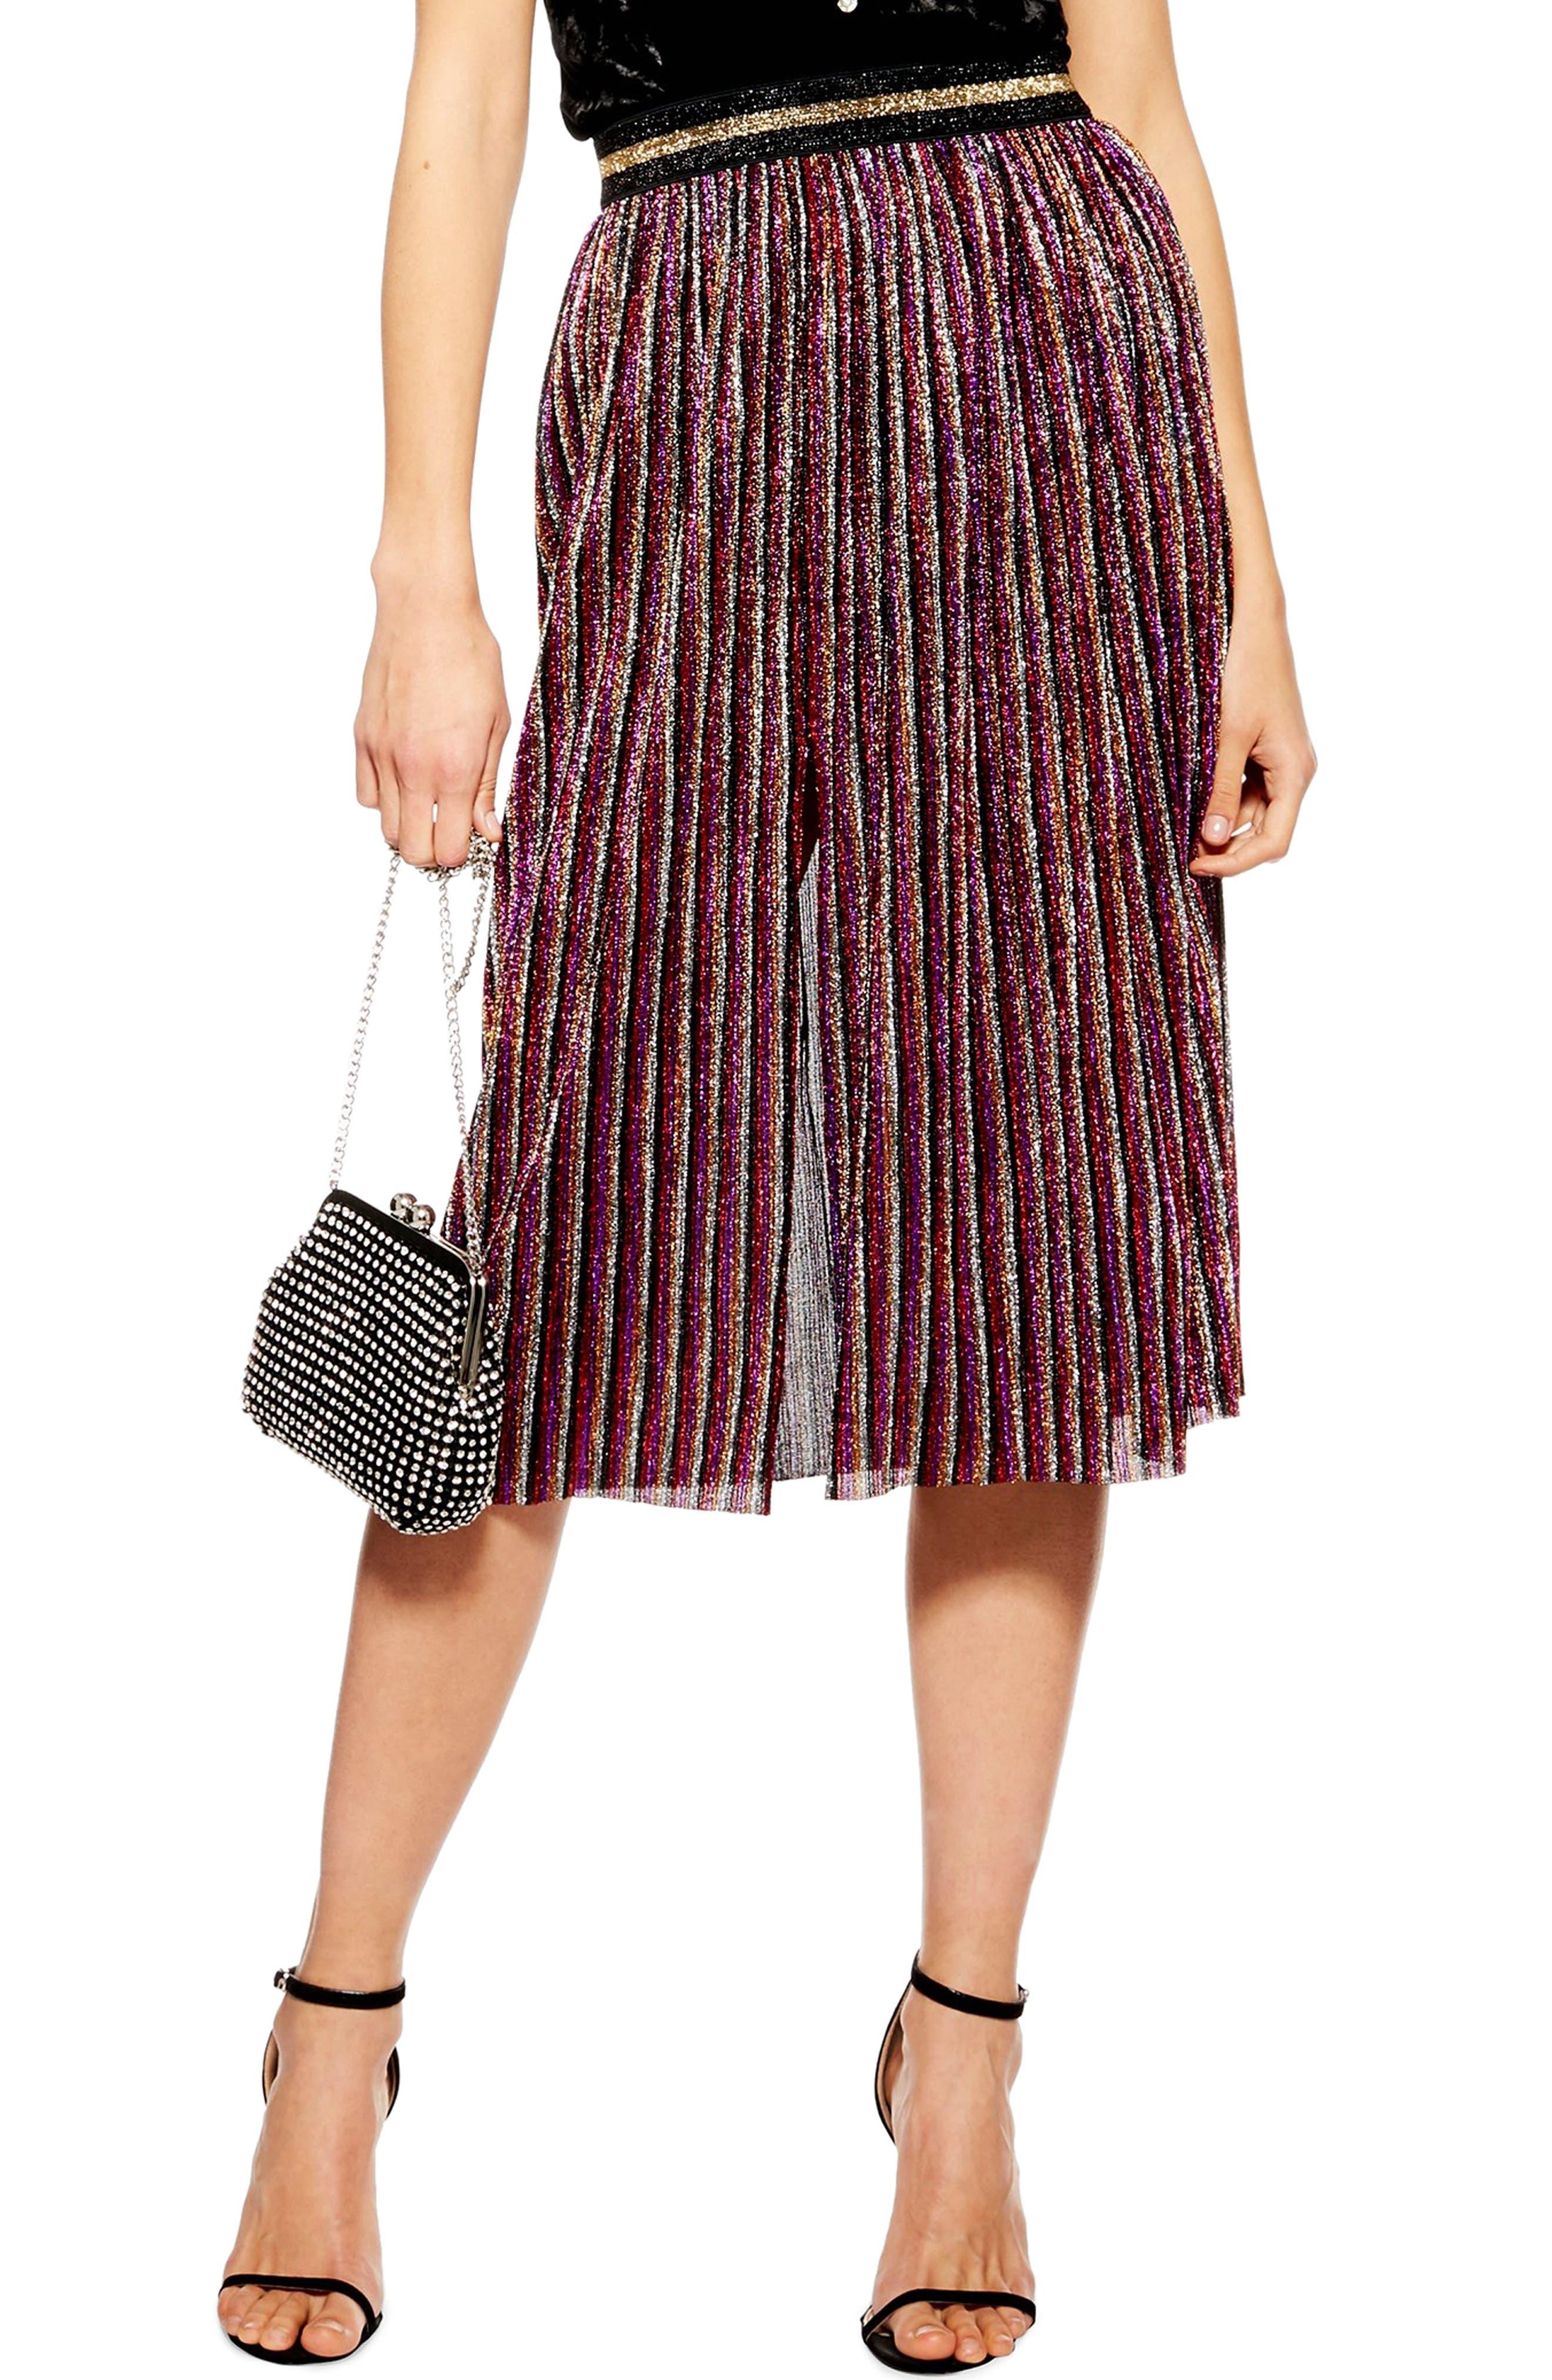 Topshop Metallic Plisse Midi Skirt, US (fits like 16-18) - Pink